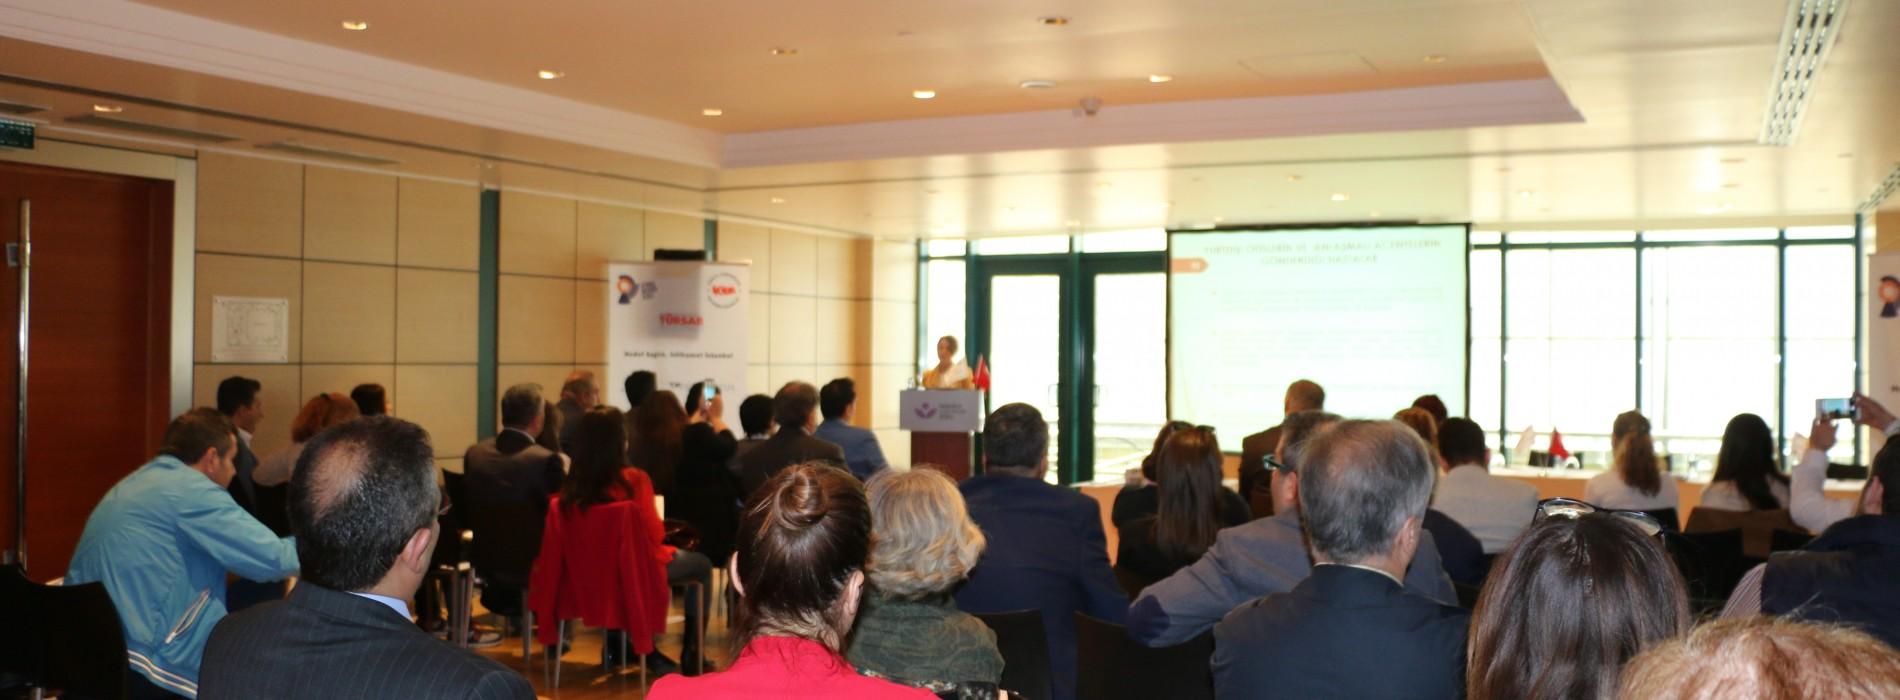 Hedef Sağlık, İstikamet İstanbul Projesi  Bilgilendirme Semineri Gerçekleştirildi